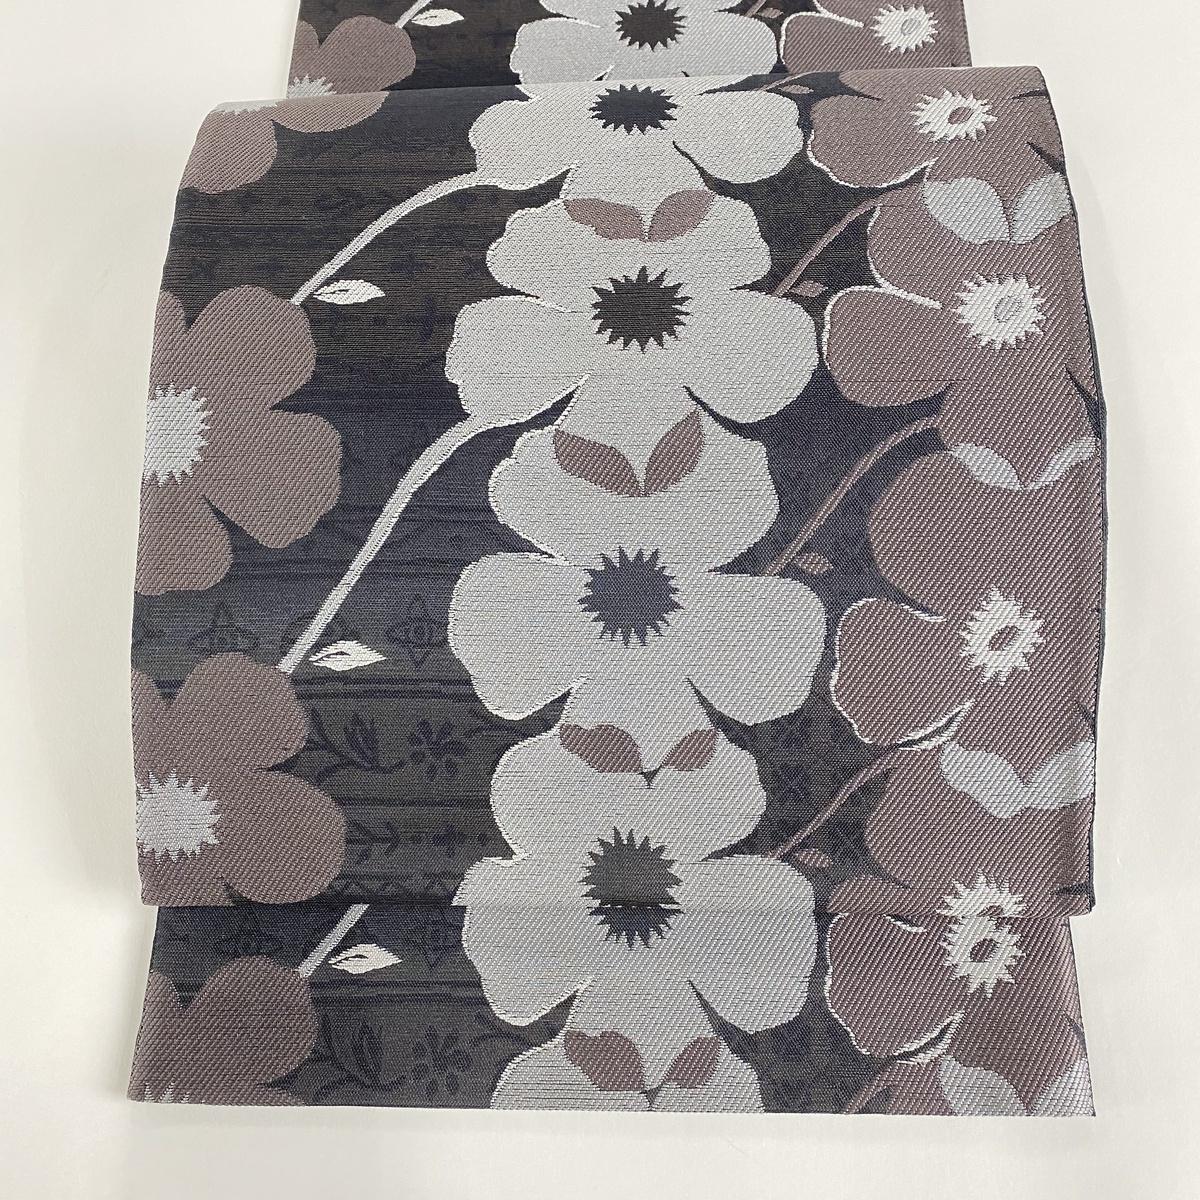 袋帯 美品 逸品 証紙あり 花柄 灰紫 六通 正絹 【中古】